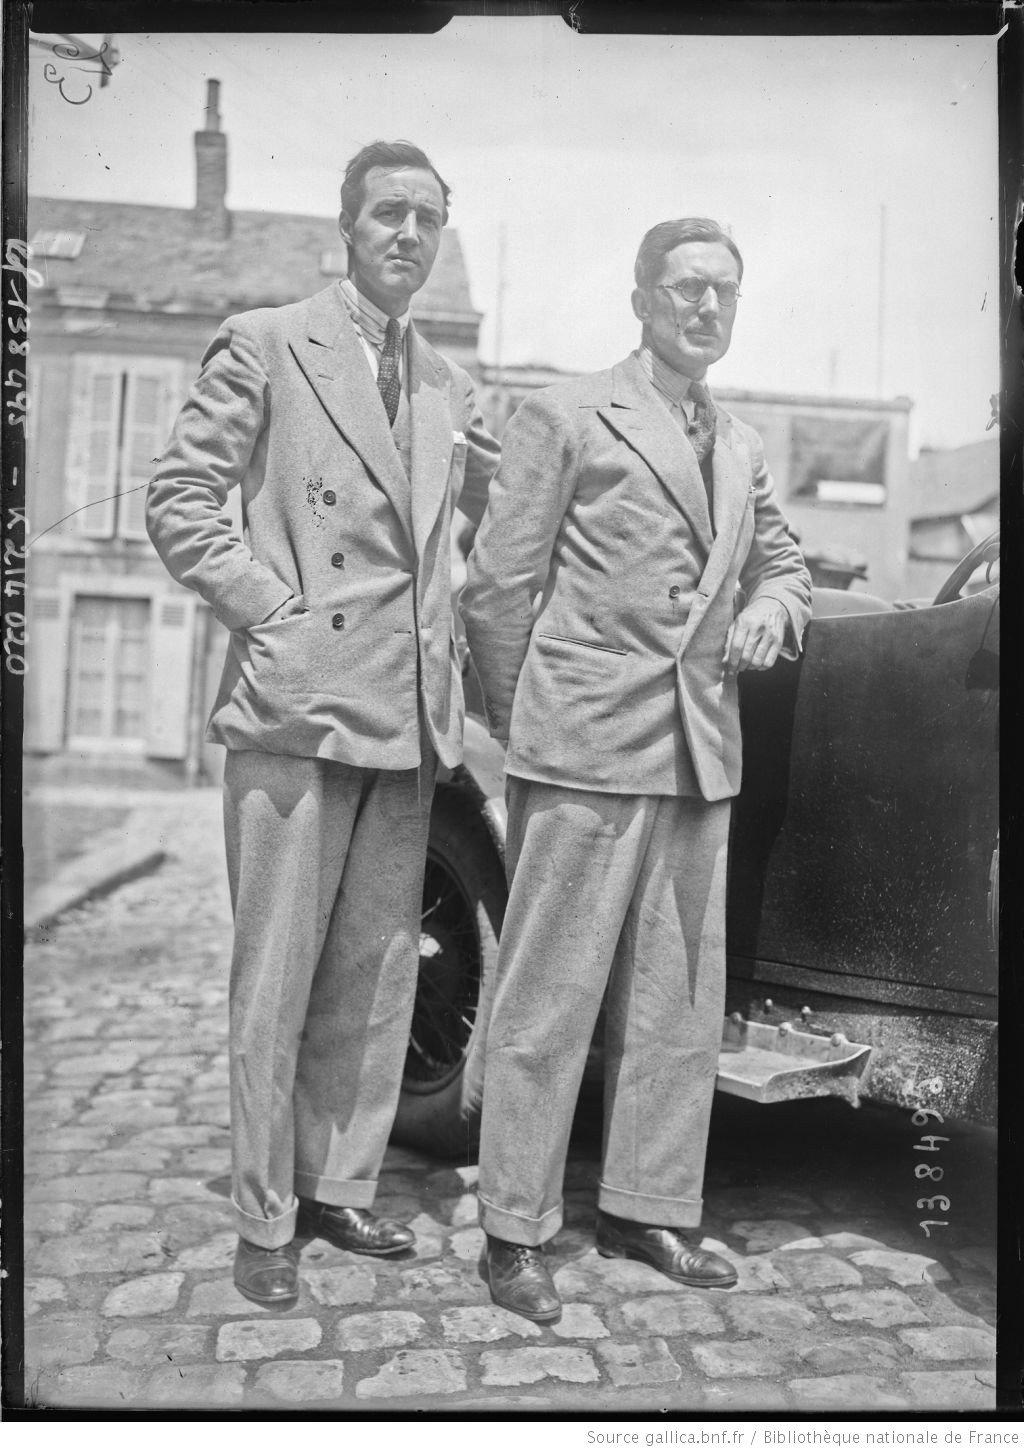 De gauche à droite, Richard] Watney, [George] Eyston sur Stutz [coureurs automobiles britanniques, au pesage des 24 h du Mans, le 130629]  [photographie de presse]  [Agence Rol].